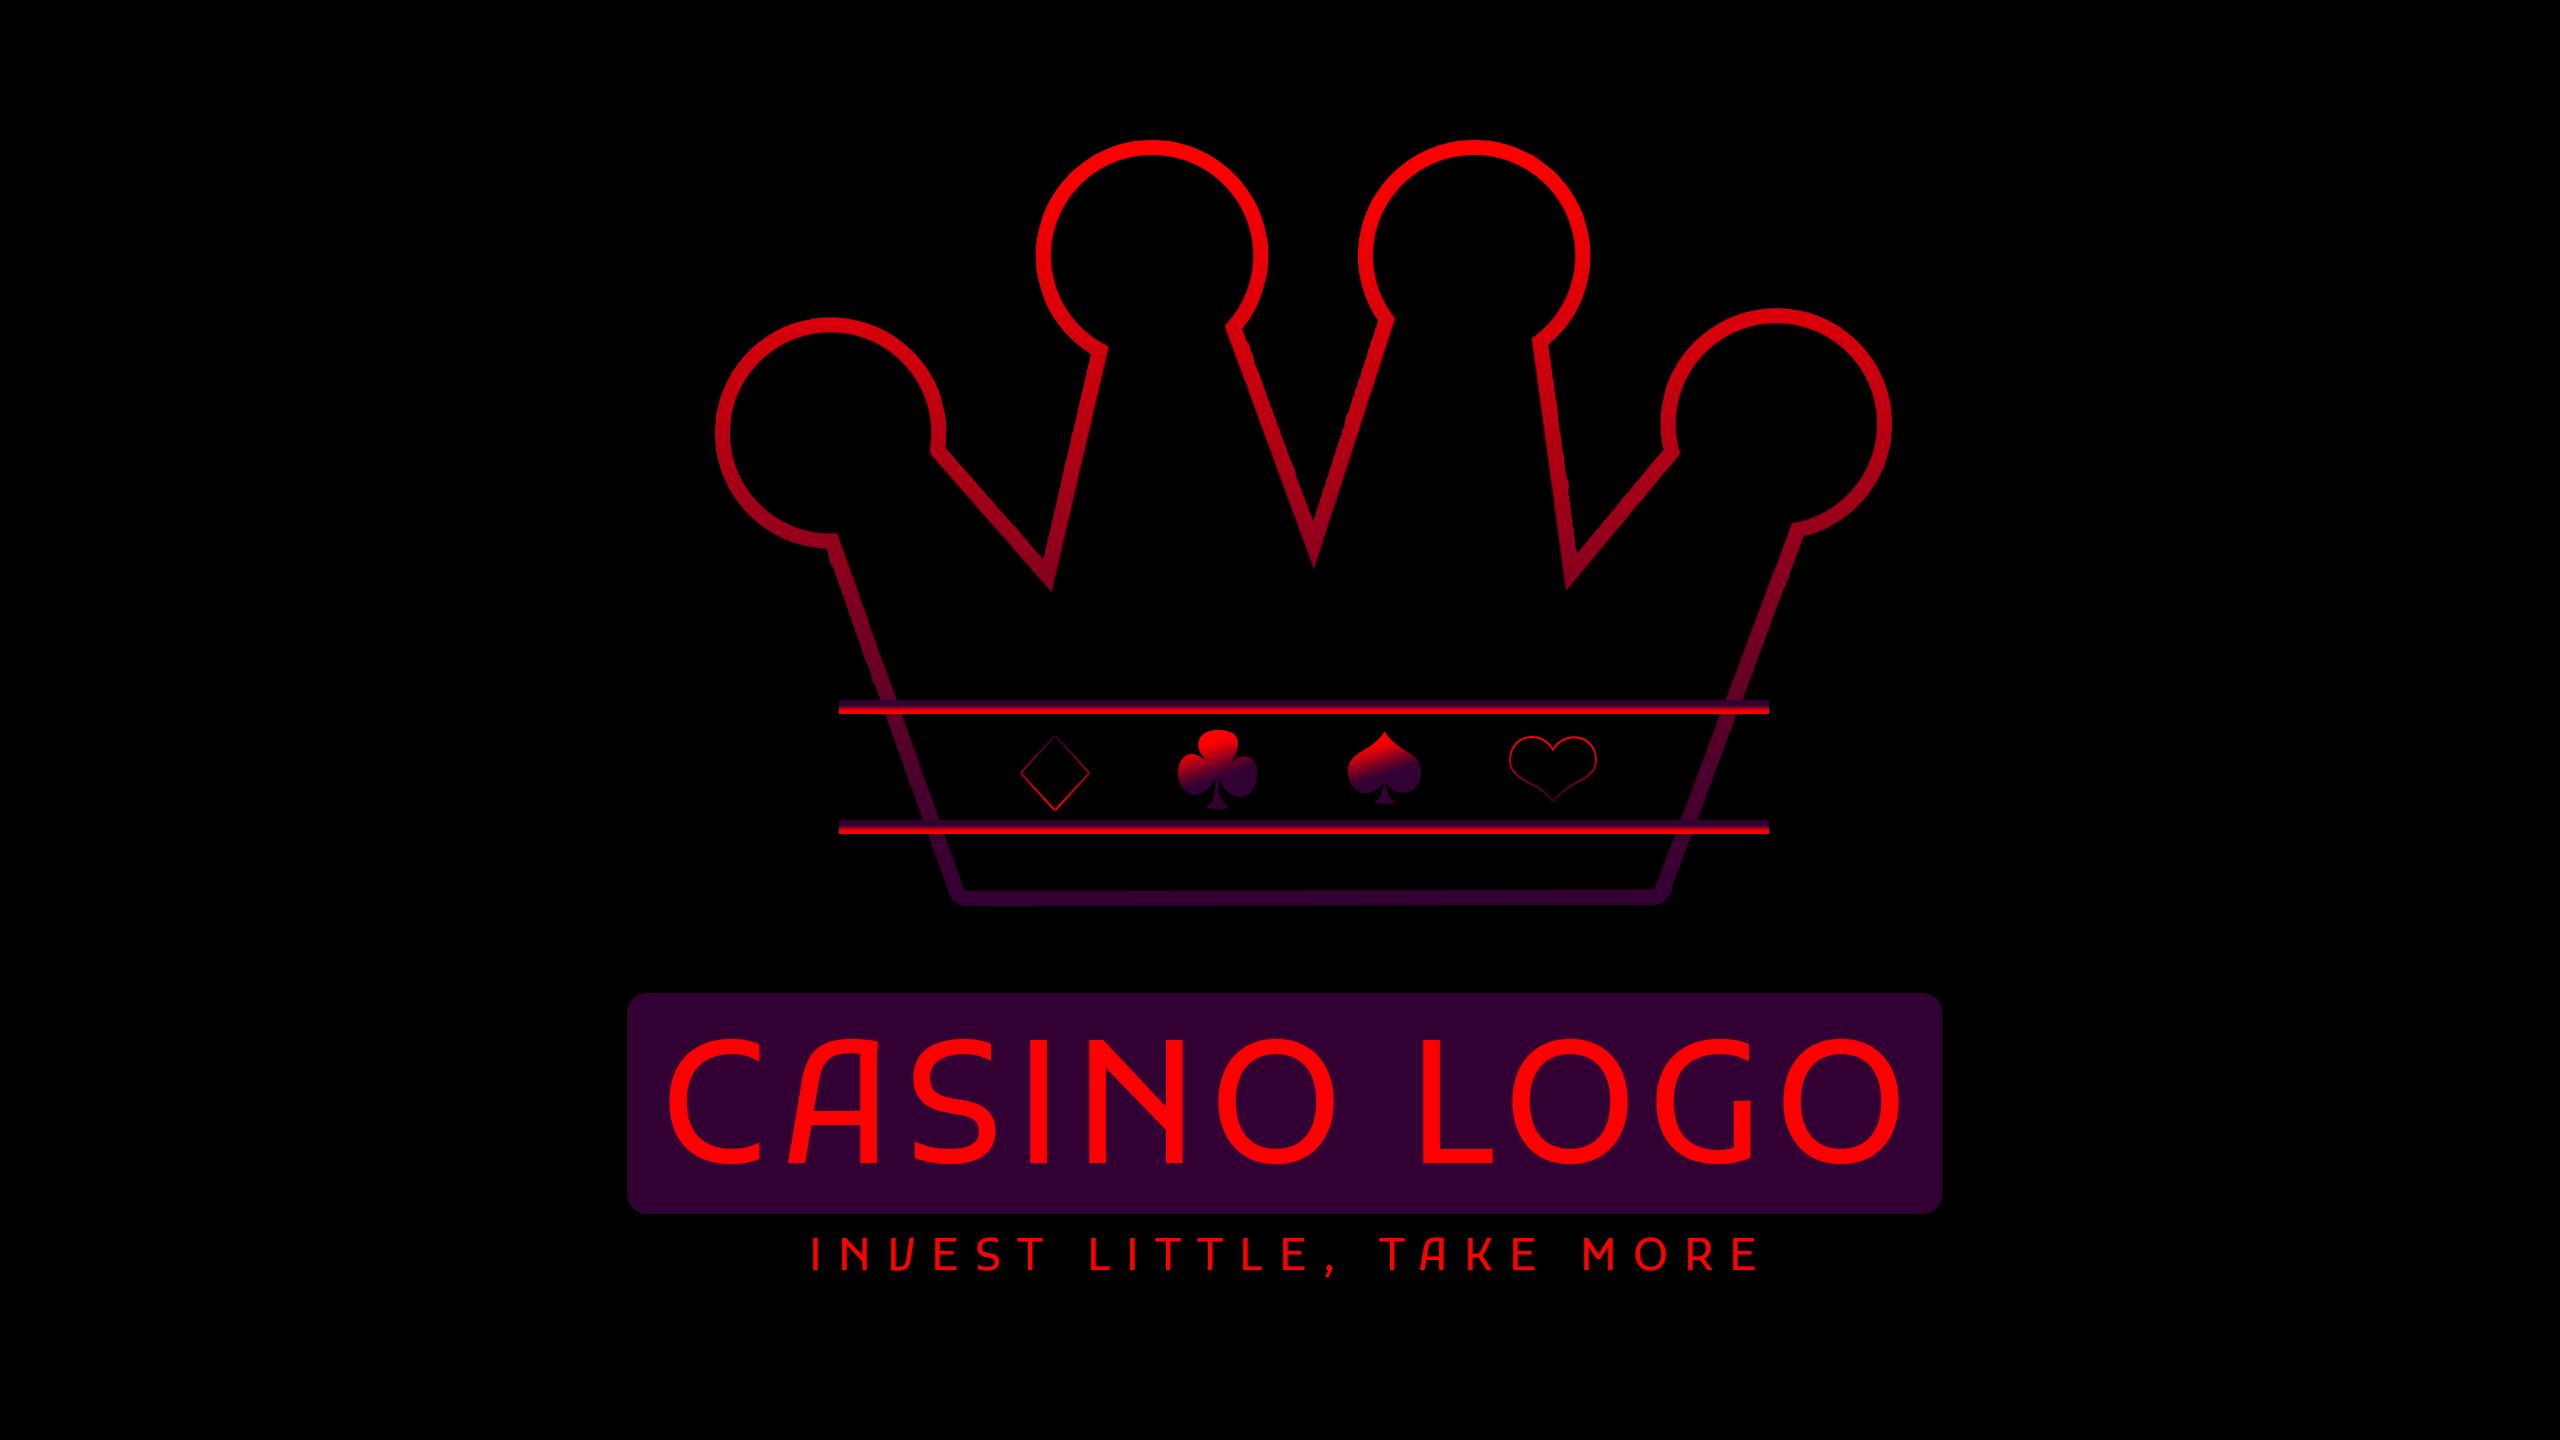 Casino logo Idea